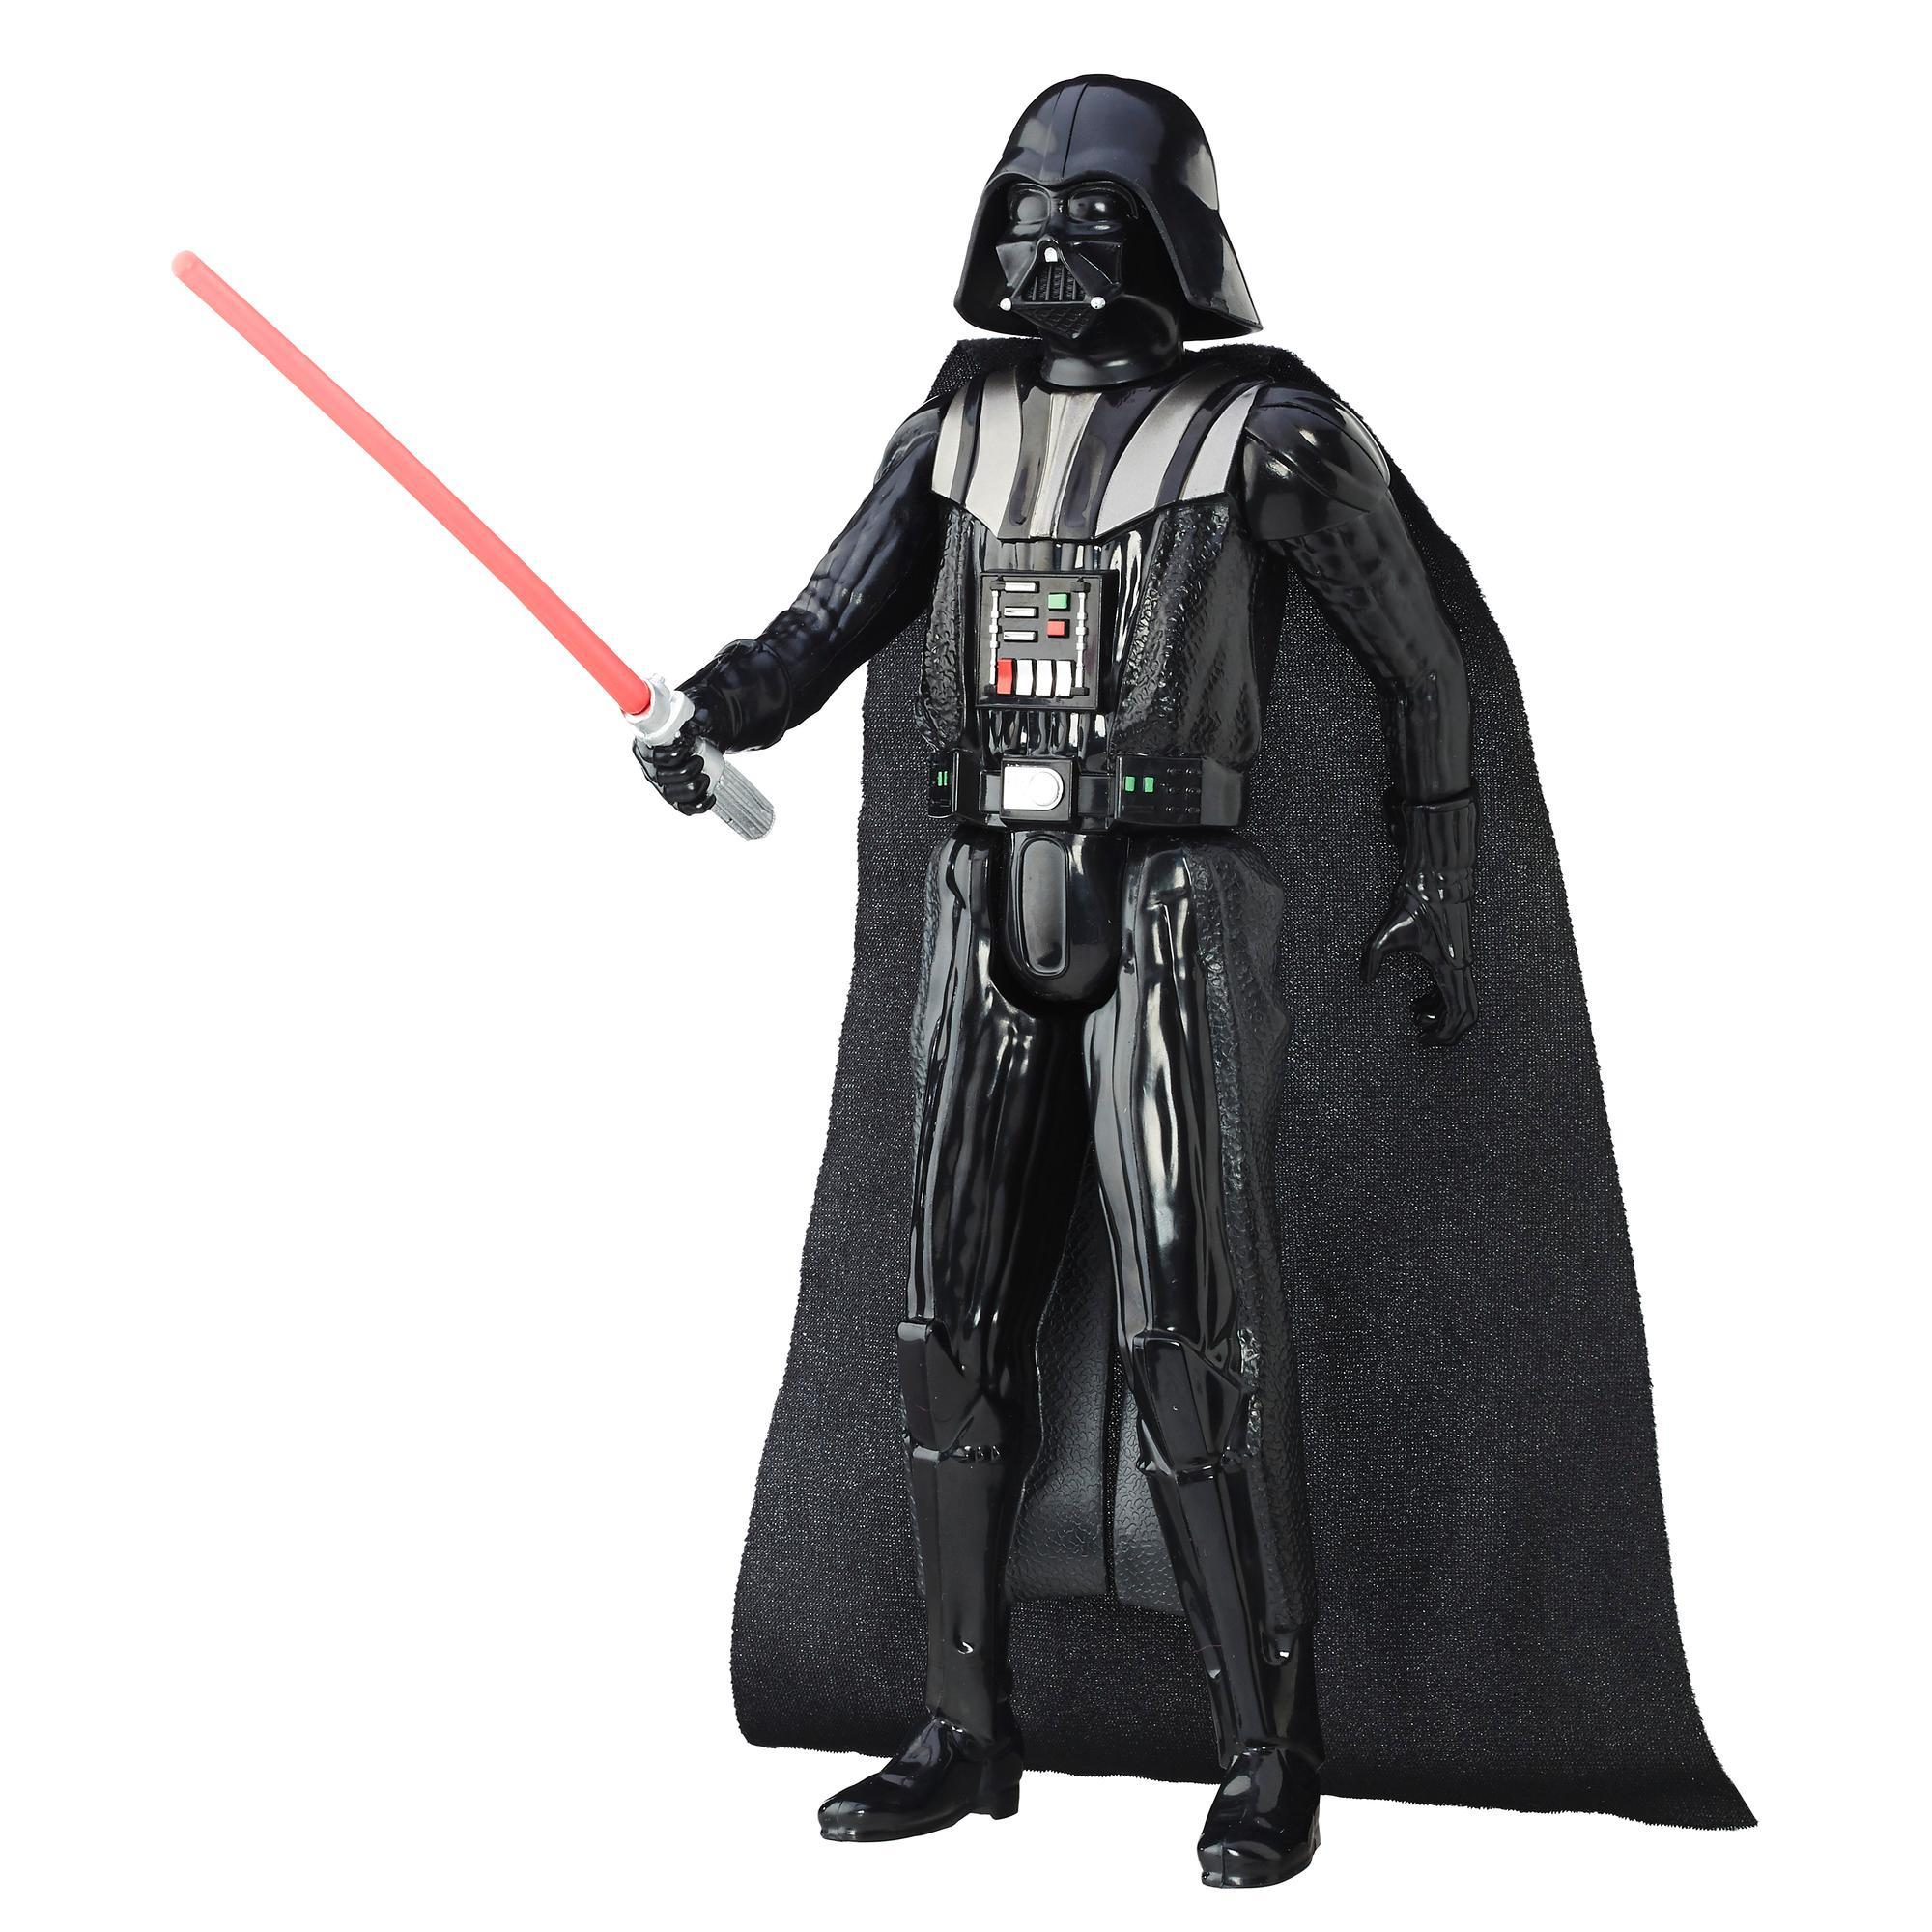 Star Wars : Rogue One - Figurine de 30 cm de Darth Vader